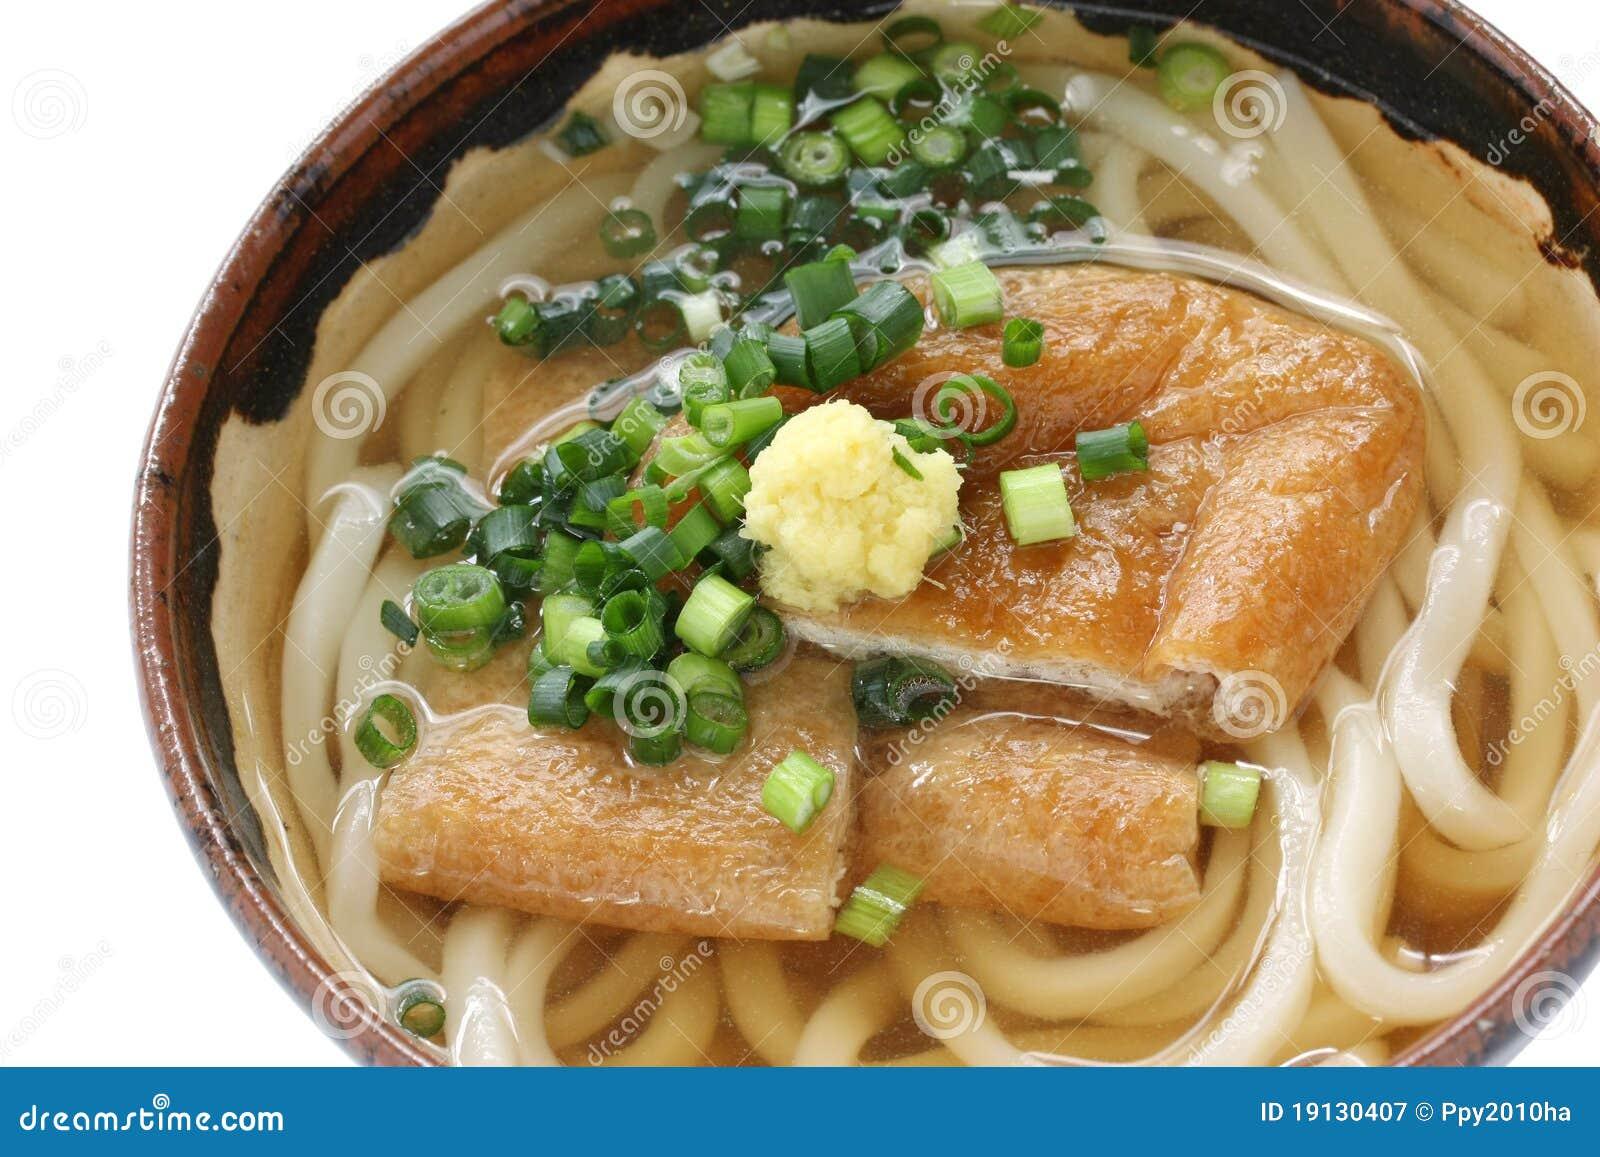 Kitsune Udon , Japanese Noodle Dish Royalty Free Stock Photography ...